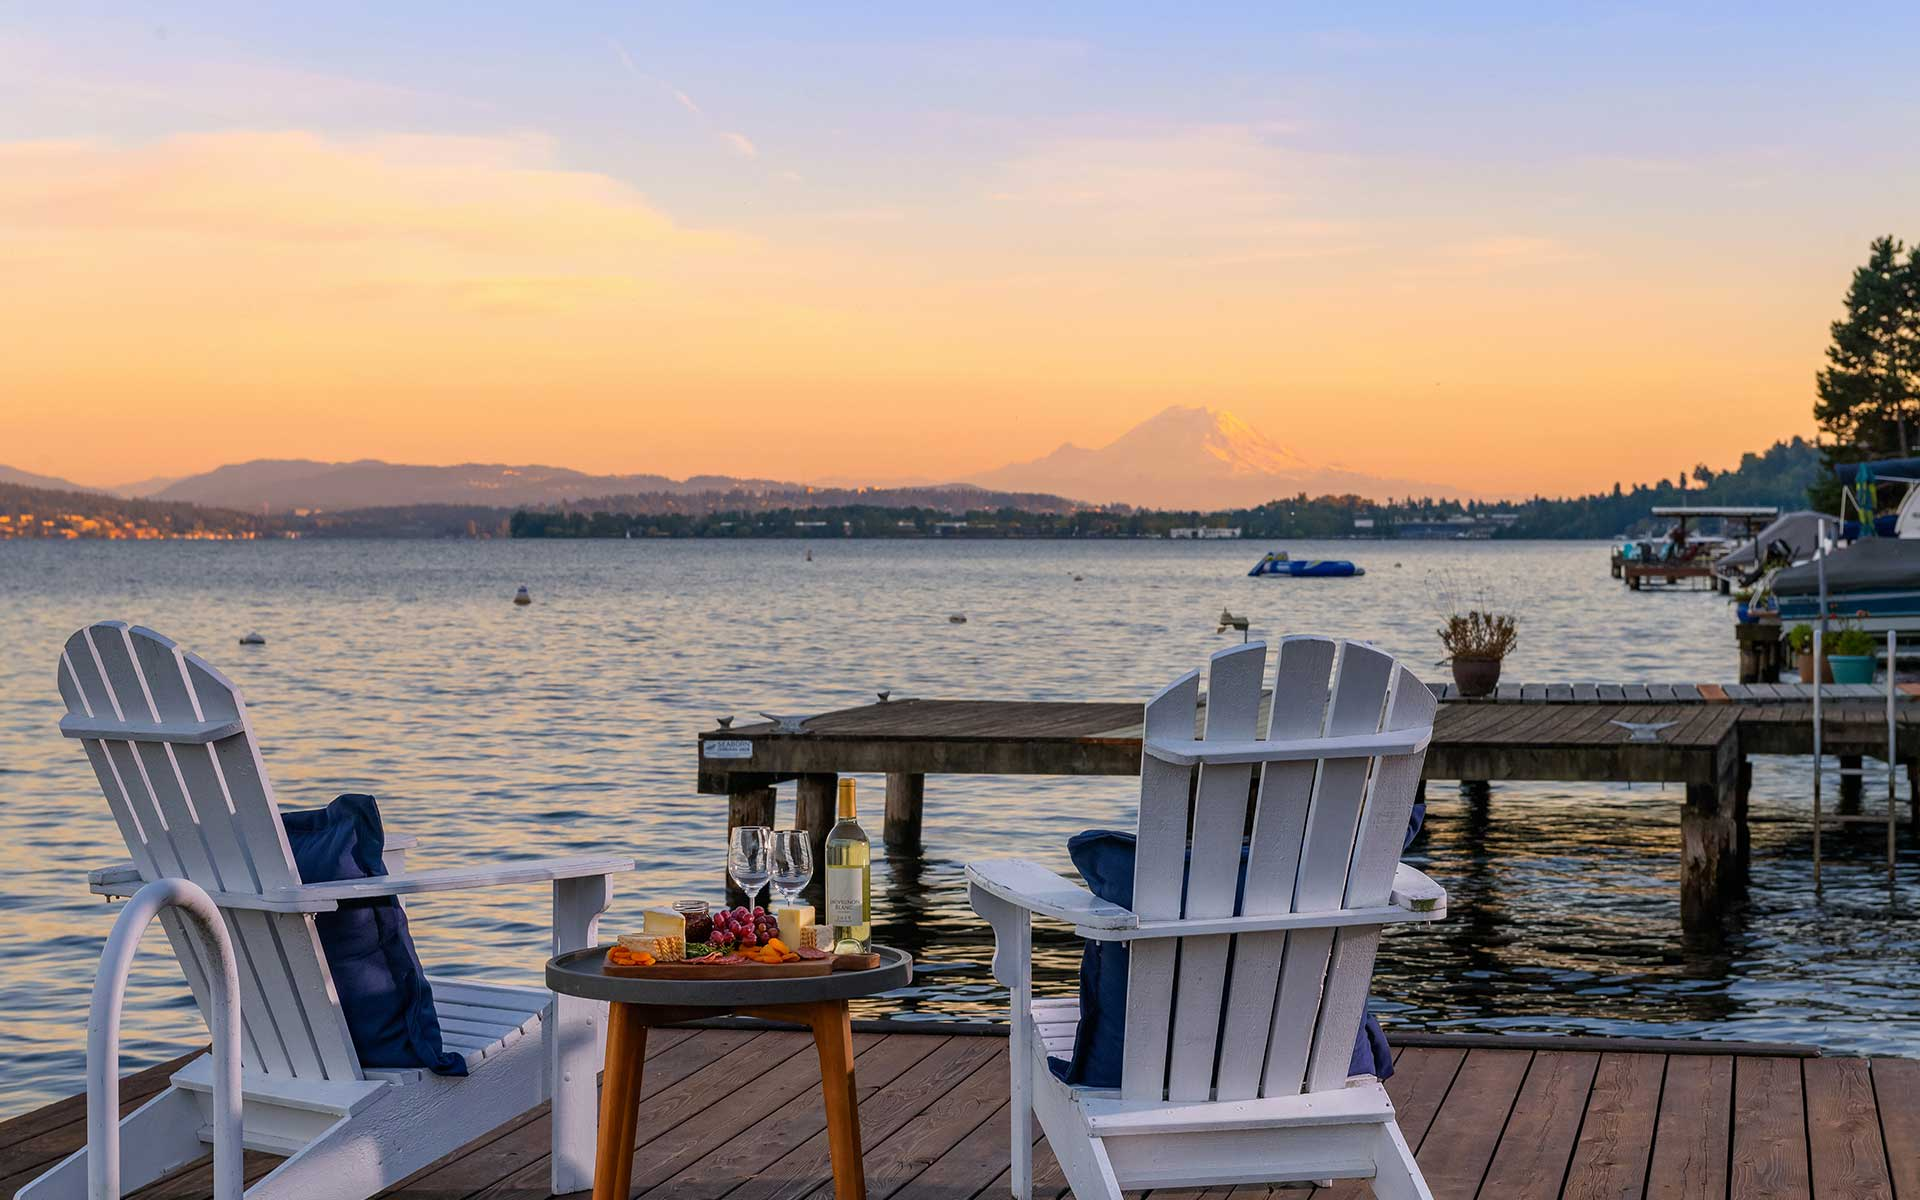 The Matthews Beach Lakeside Lifestyle Awaits photo